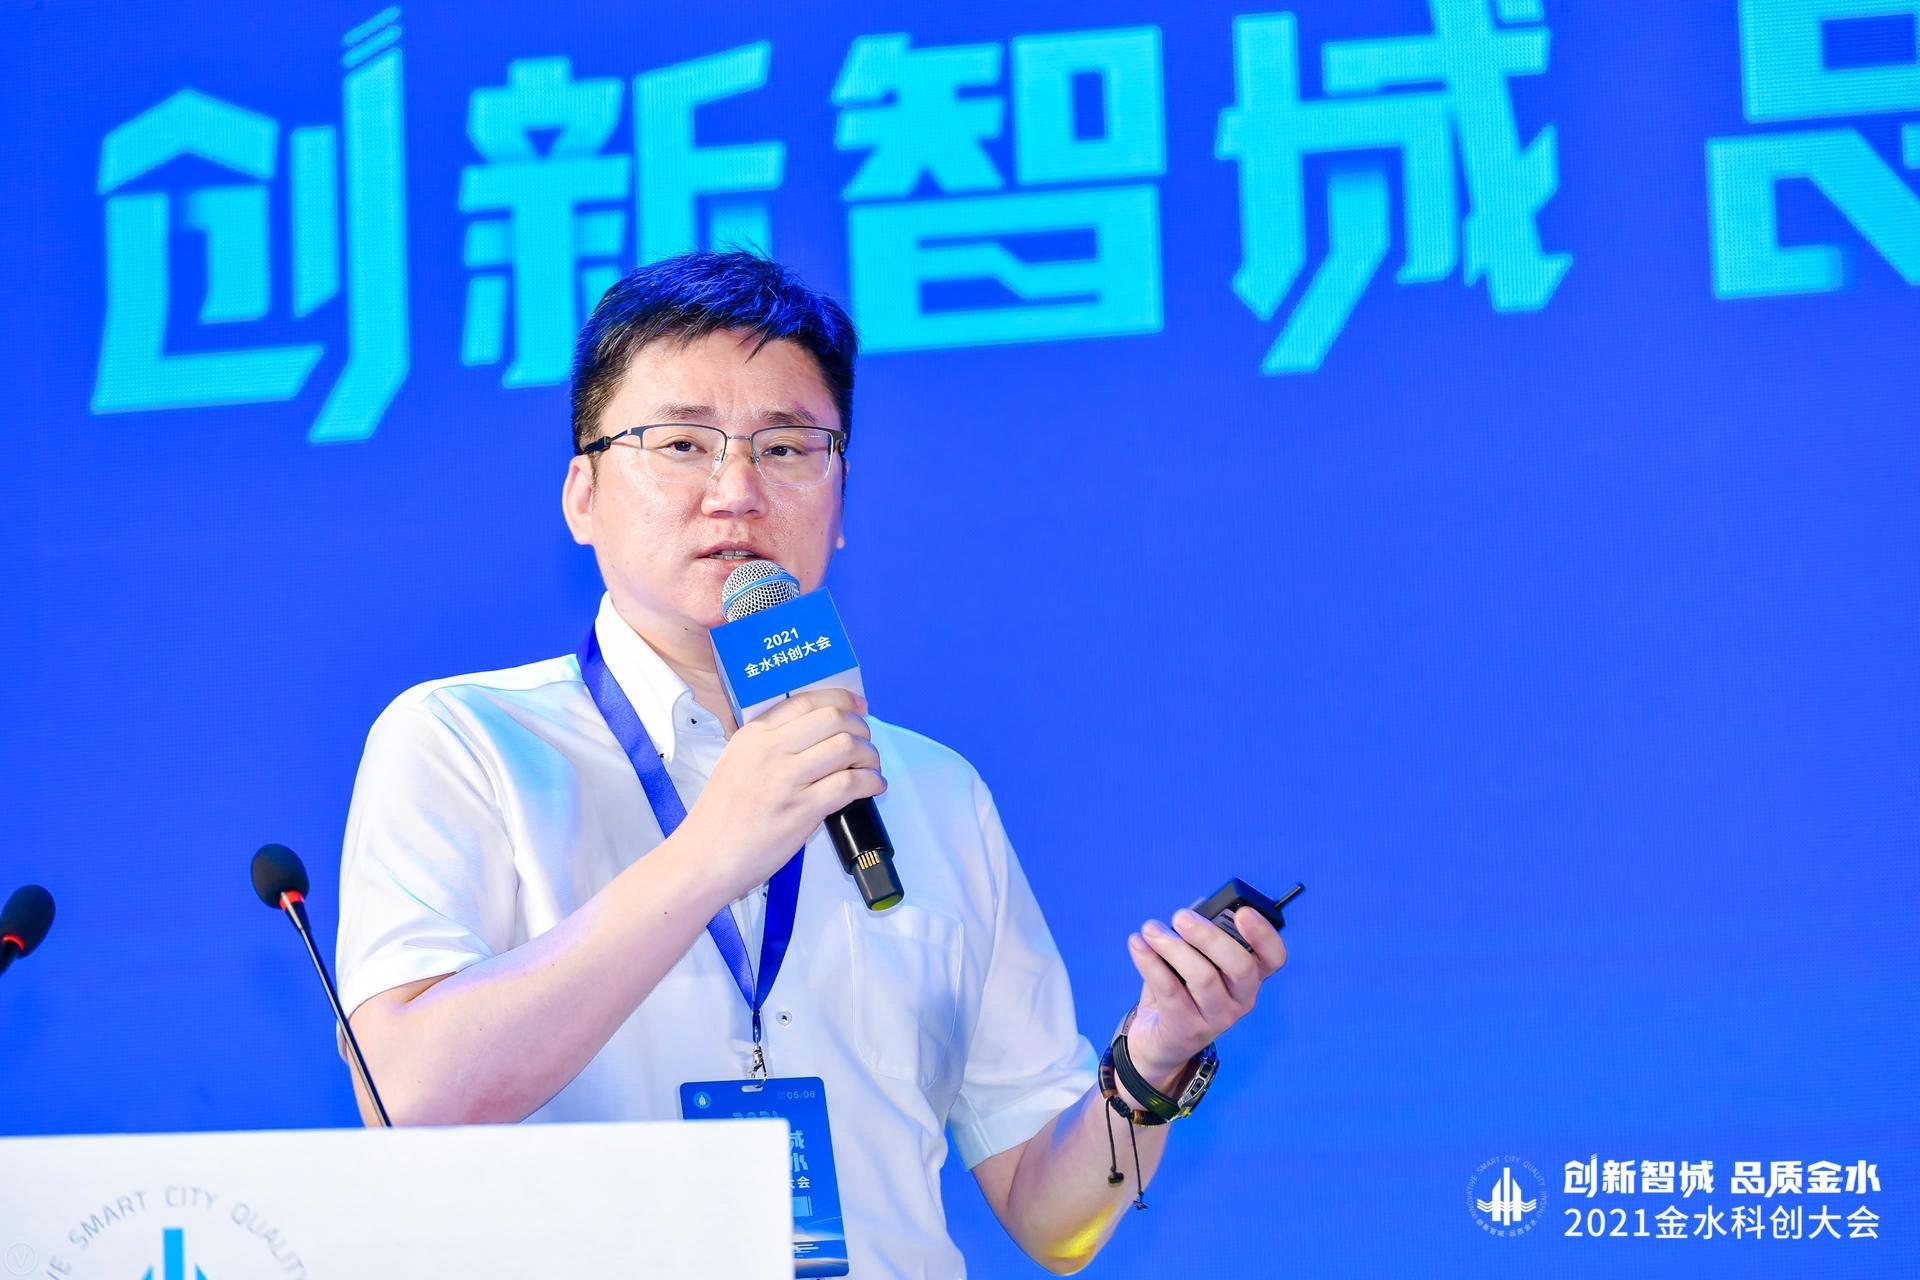 观安信息CTO胡绍勇:安全不是人工智能发展的枷锁丨2021金水科创大会